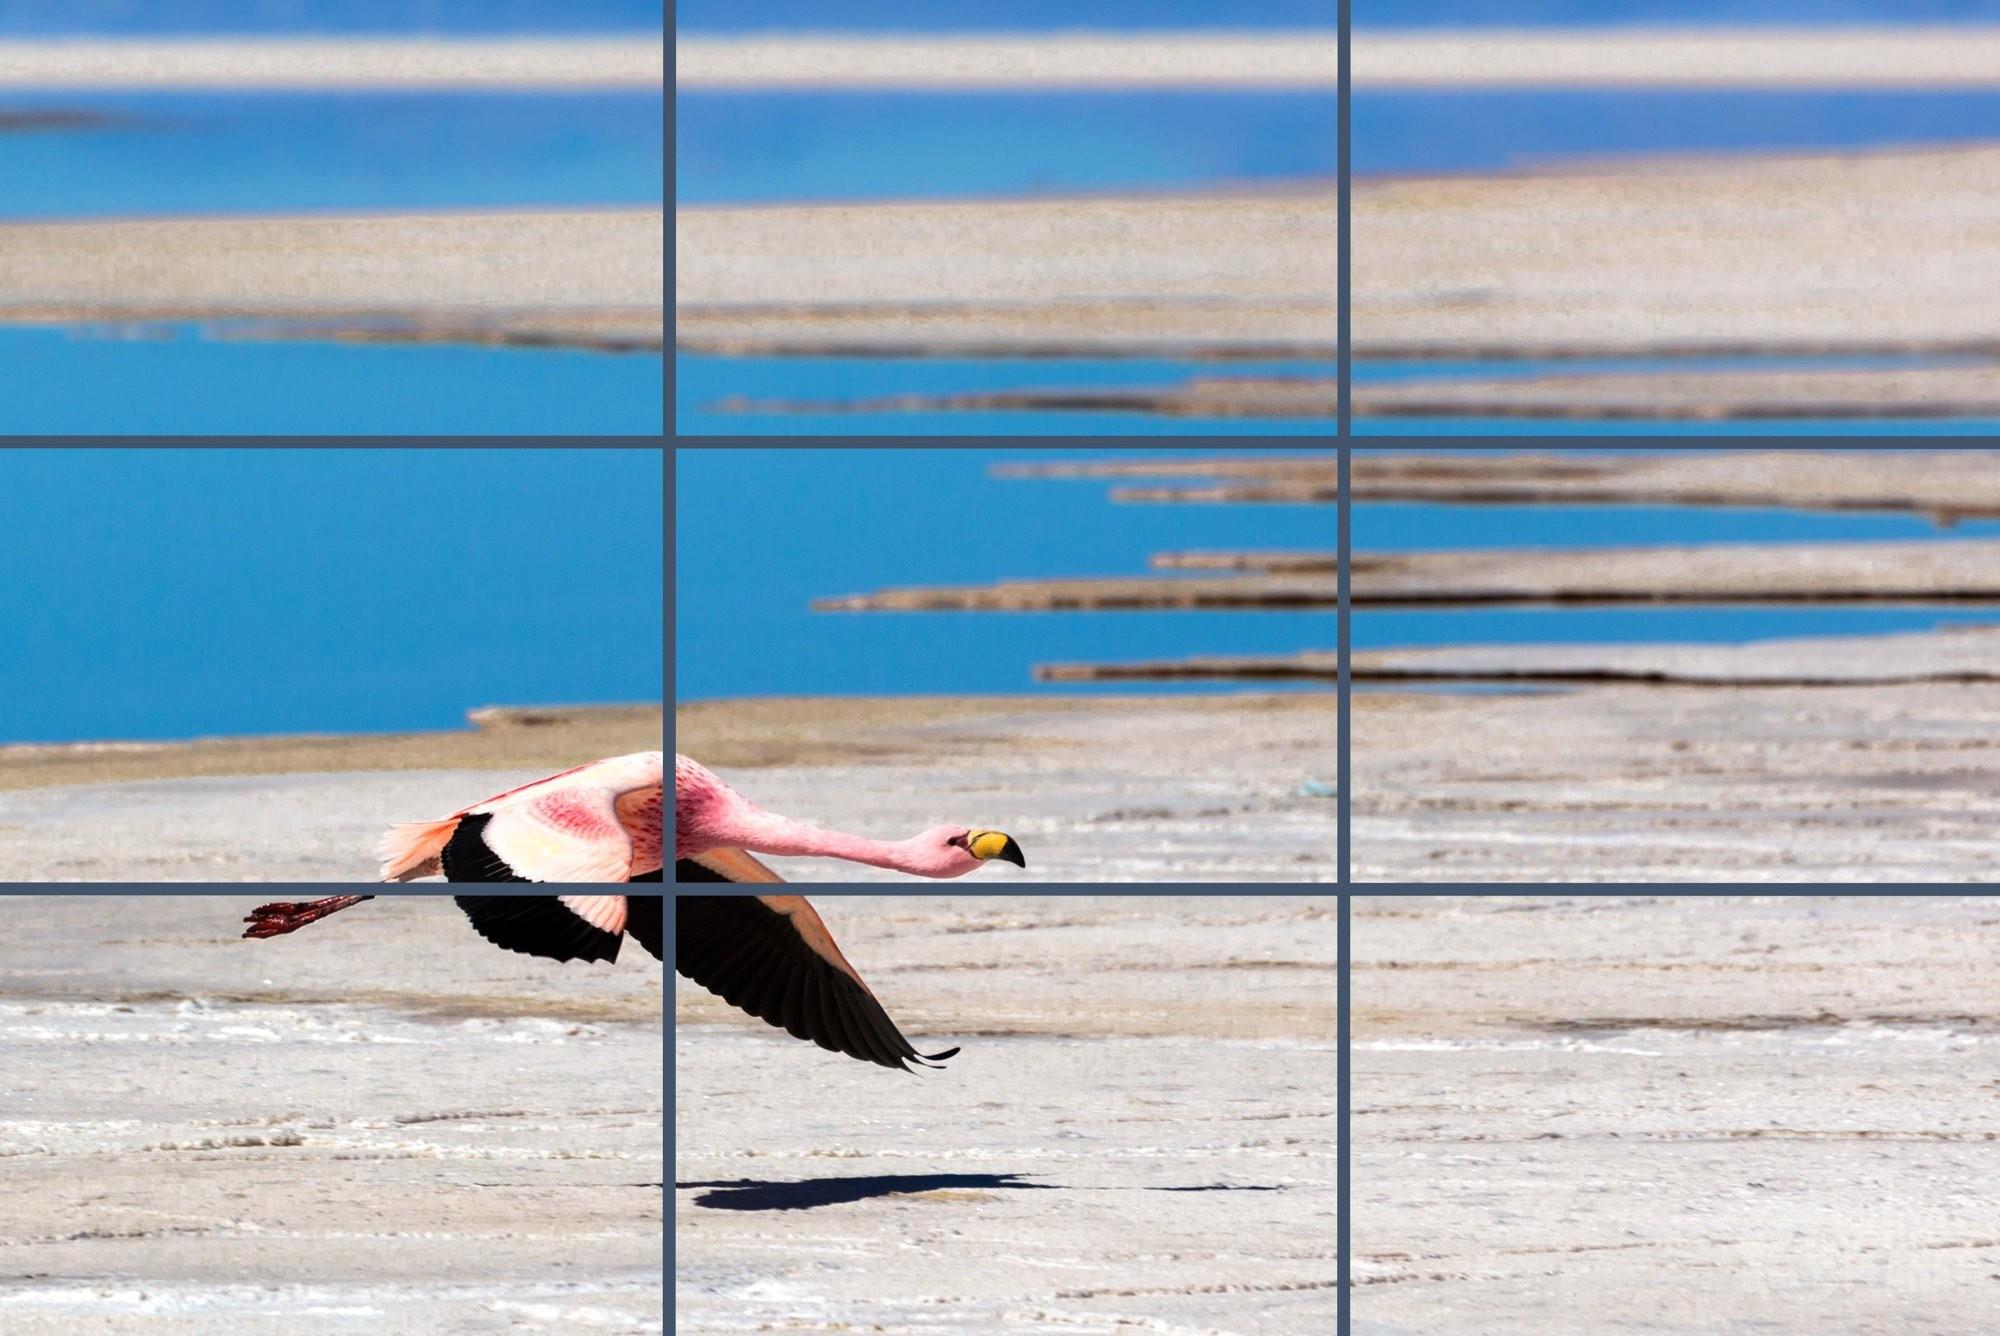 Flamingo flying above Uyuni in Bolivia